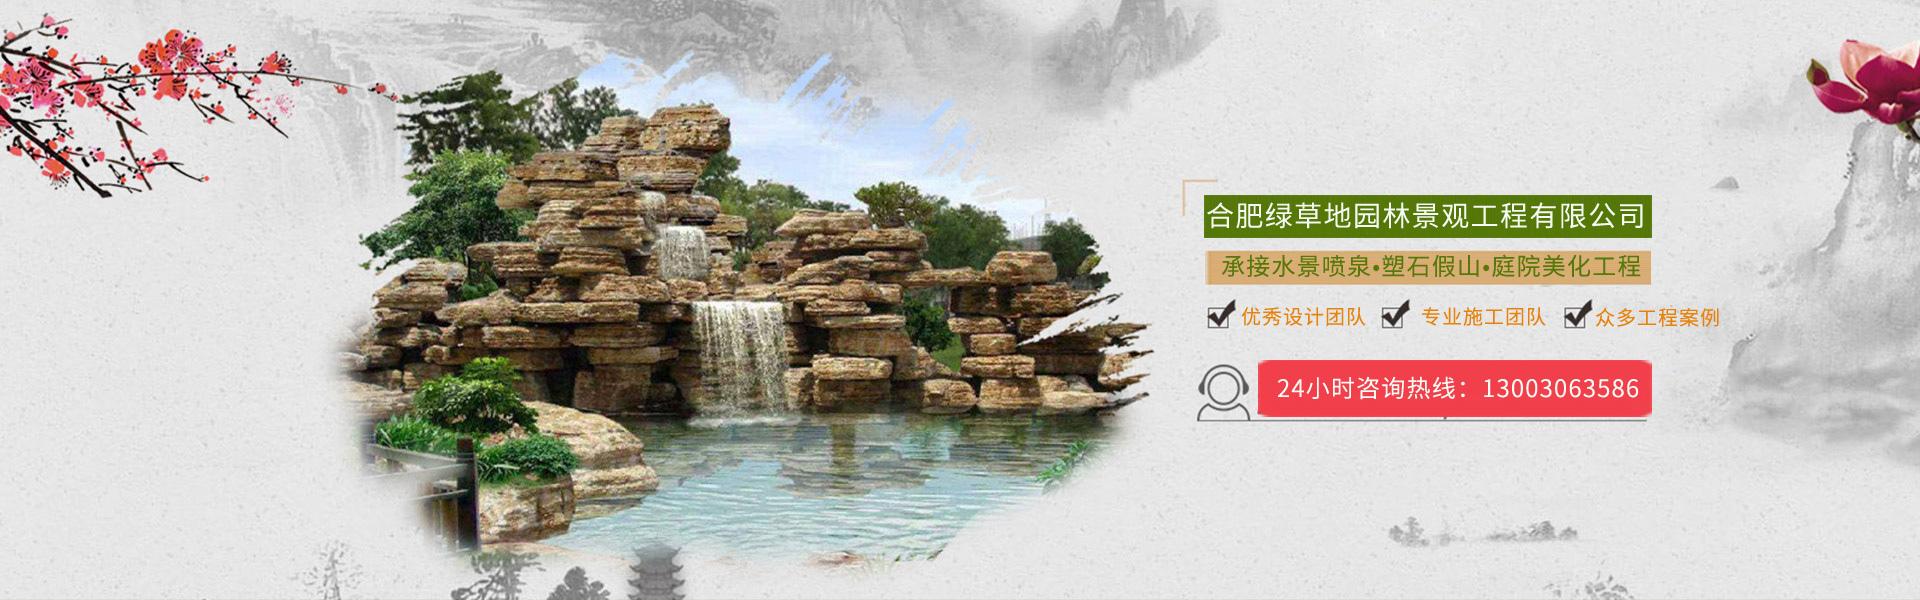 合肥喷泉公司